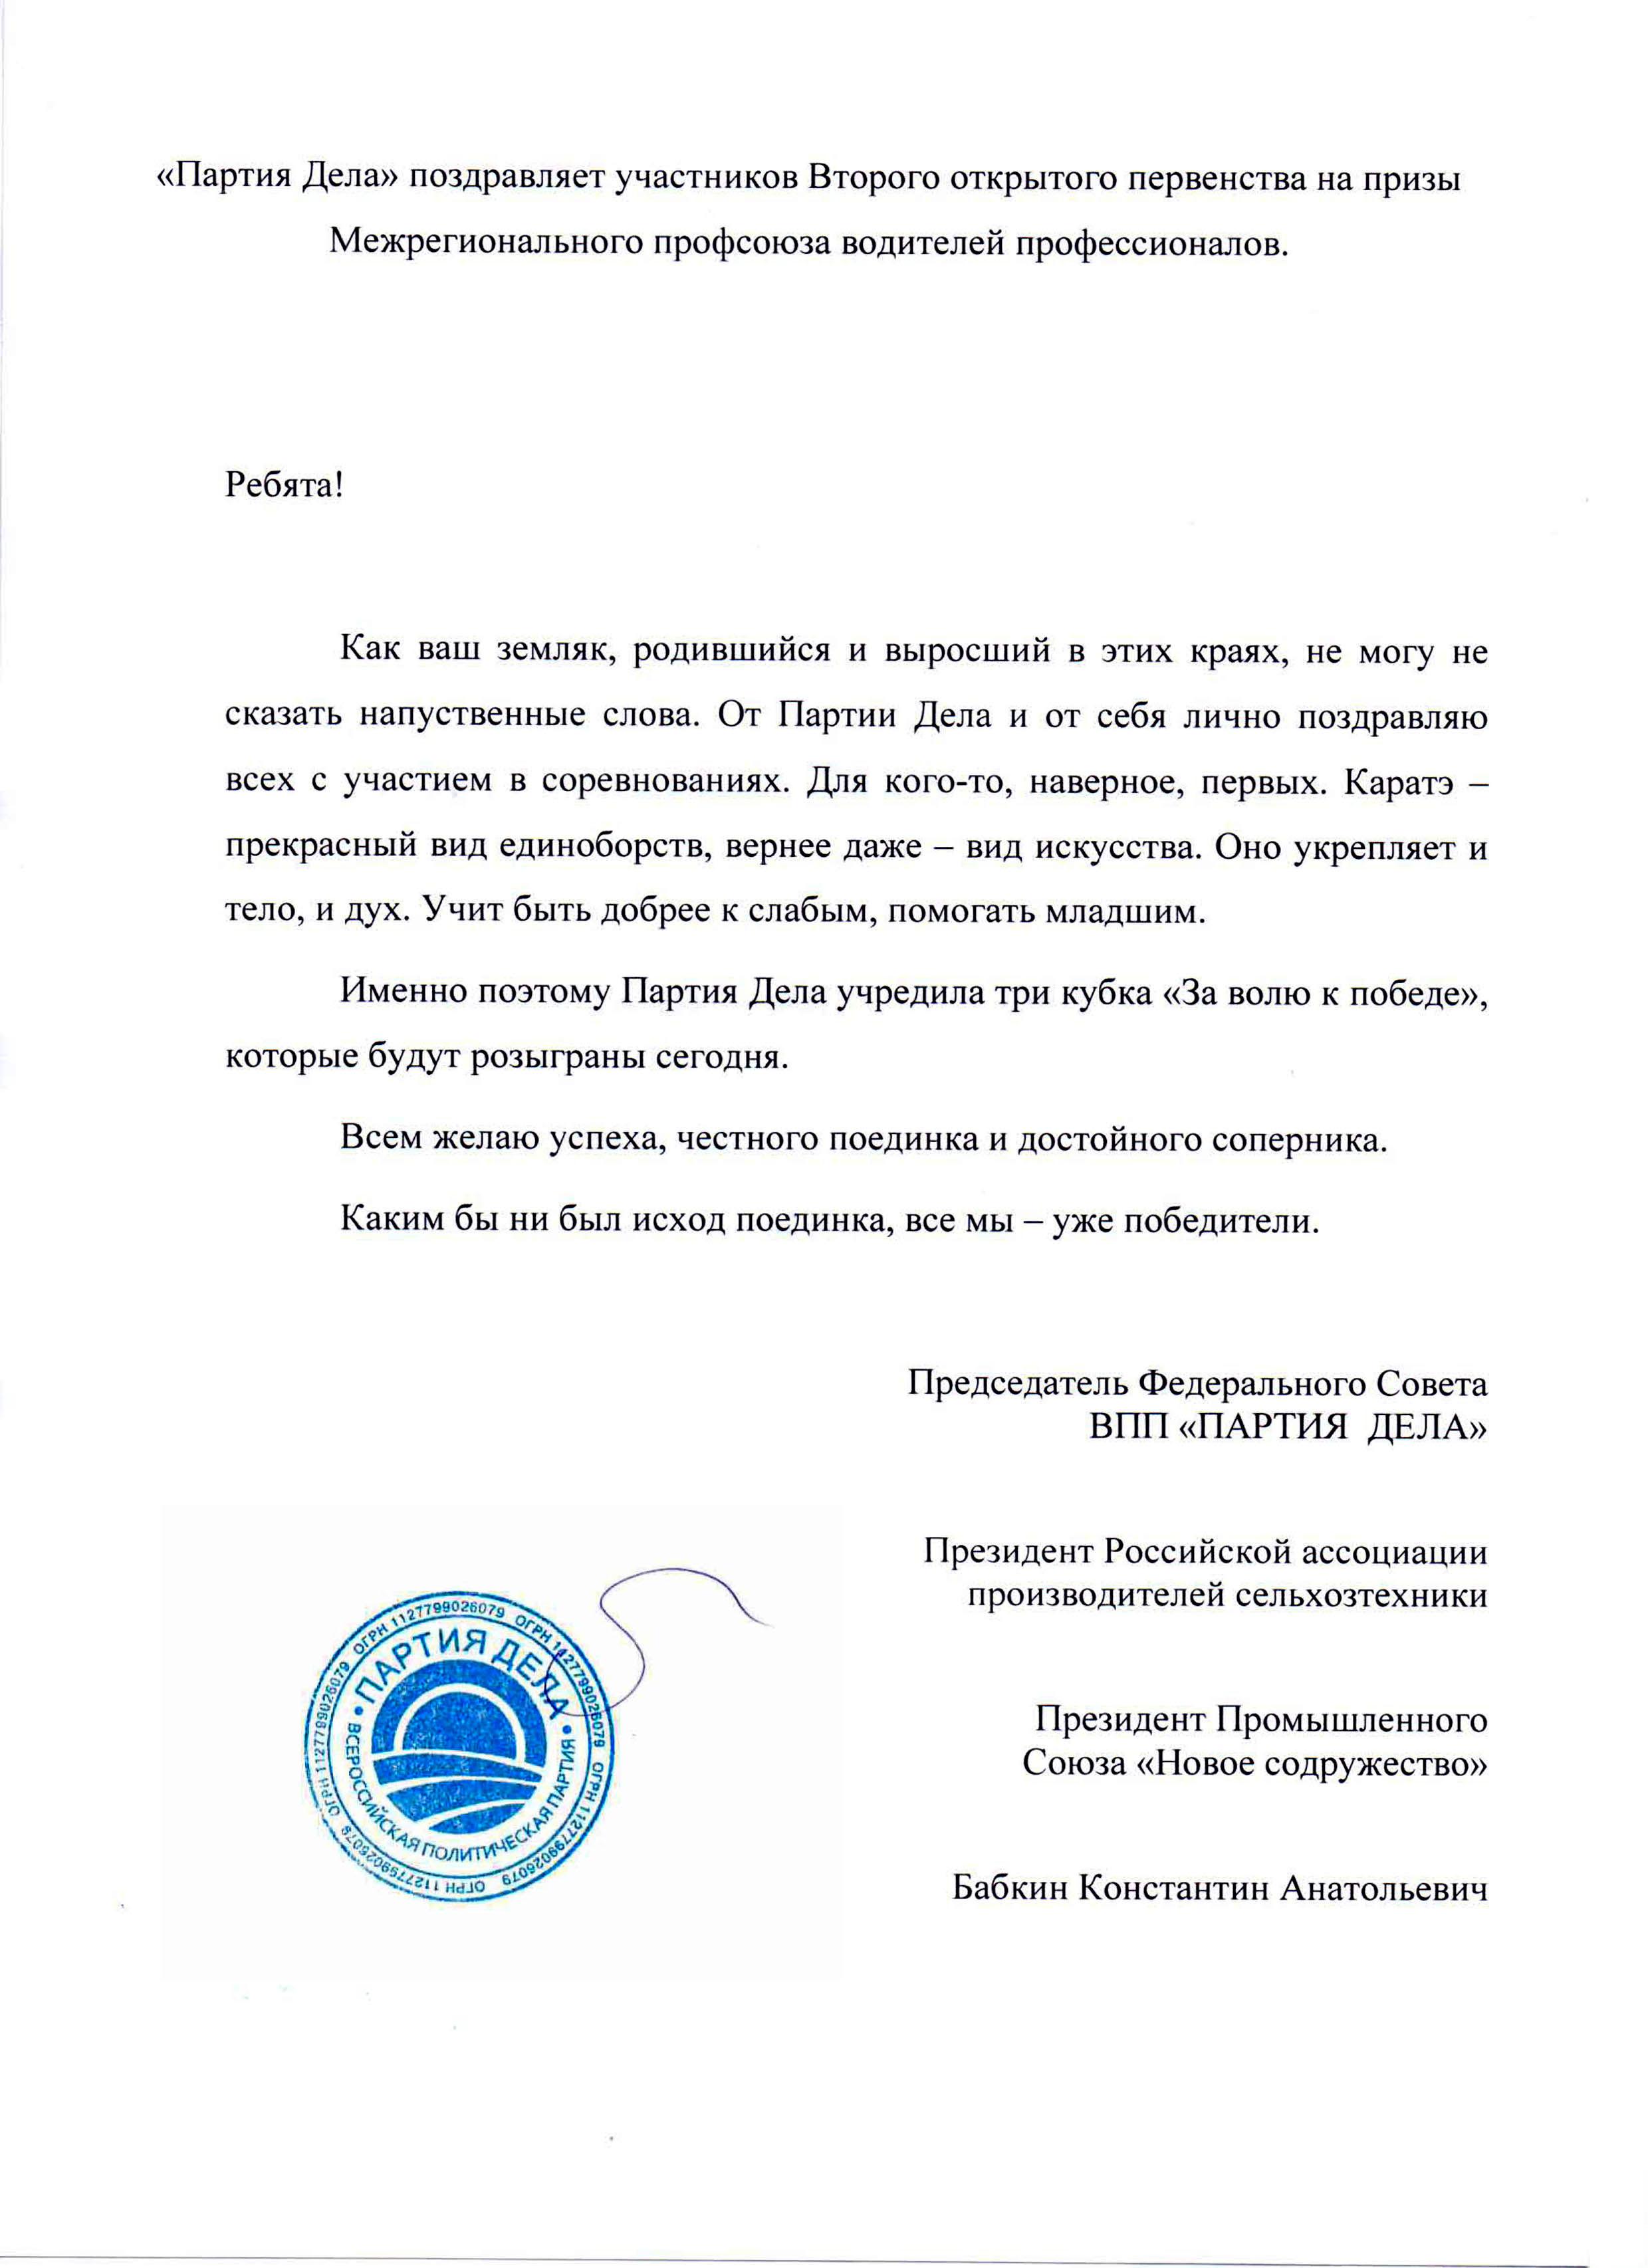 Поздравление ВПП ПАРТИЯ ДЕЛА.jpg